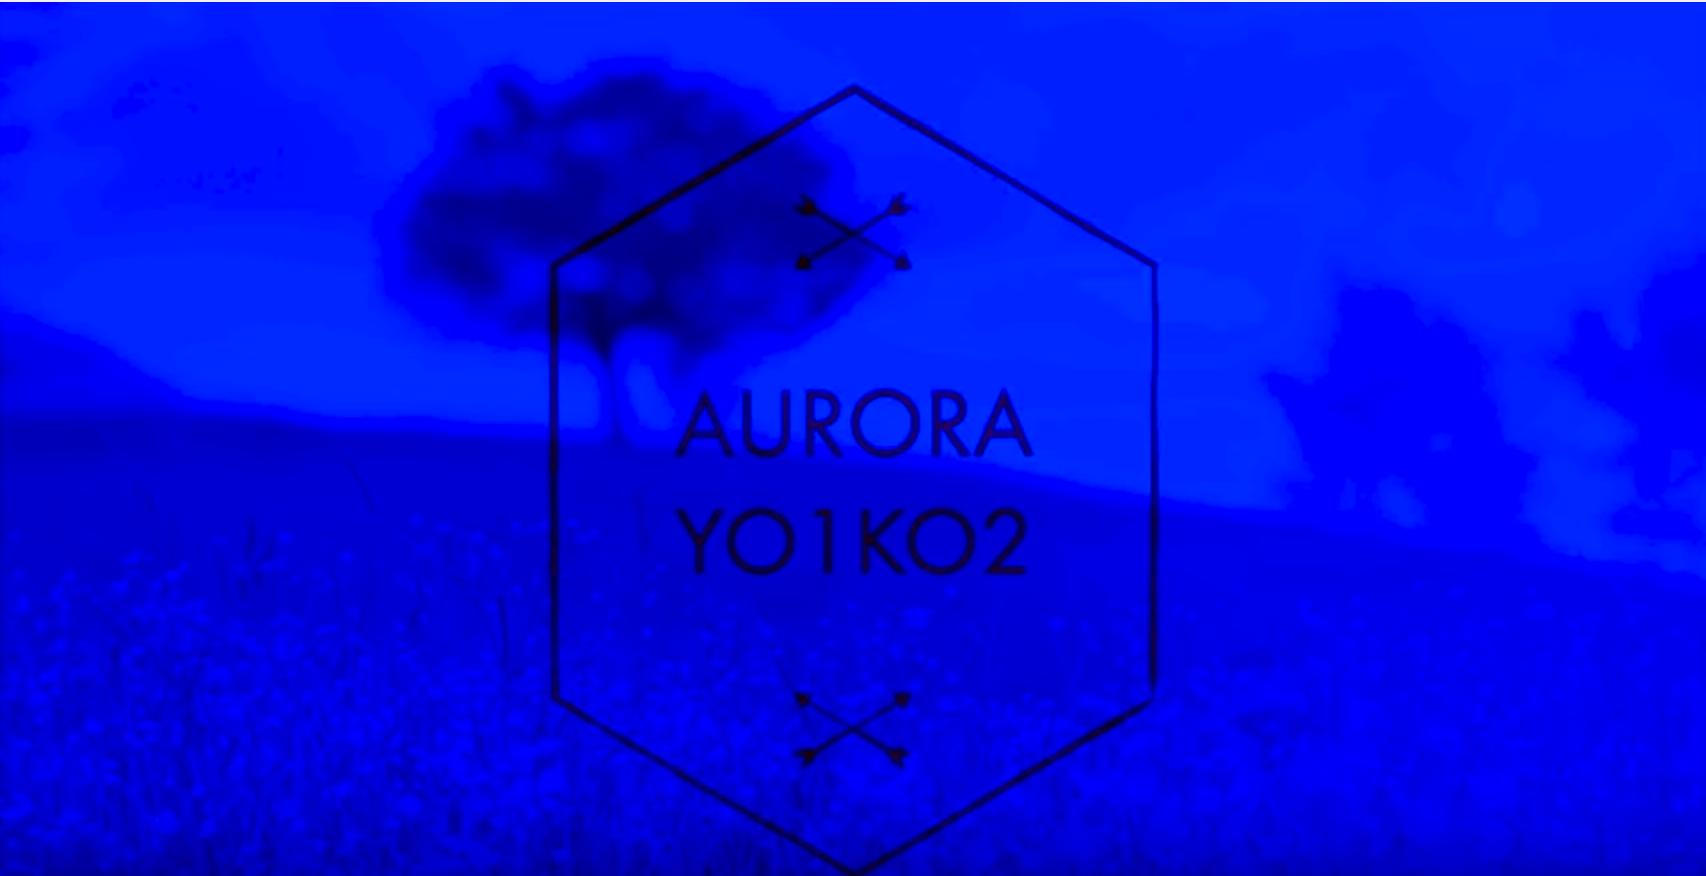 Yo1ko2 – aurora (Acoustic version & Lyric)